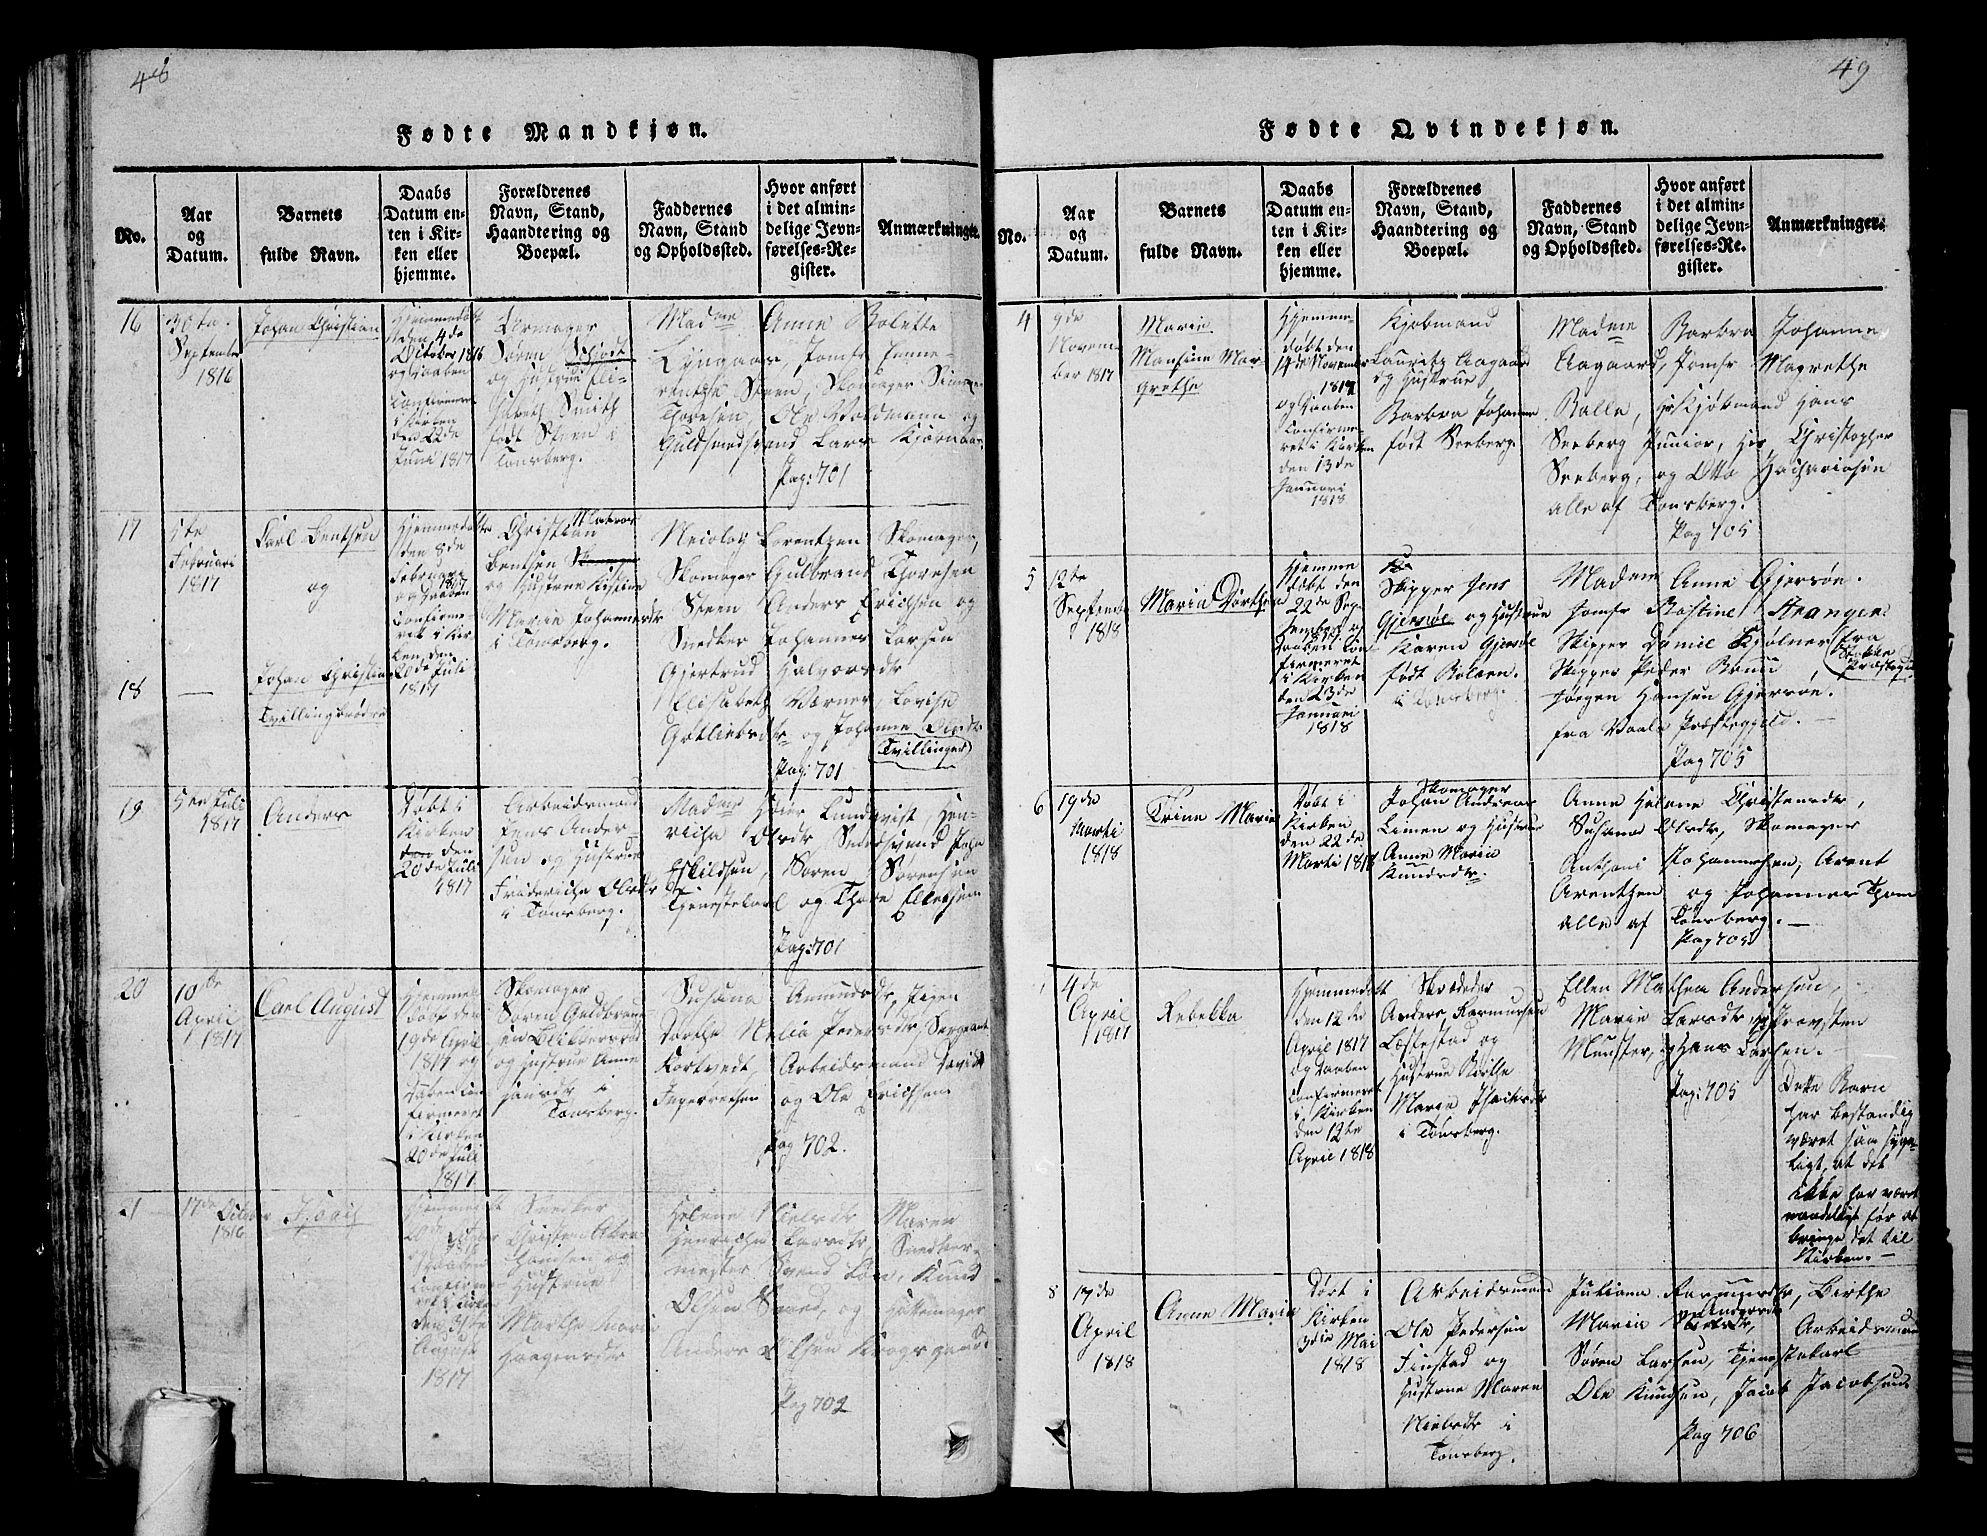 SAKO, Tønsberg kirkebøker, G/Ga/L0001: Klokkerbok nr. 1, 1813-1826, s. 48-49